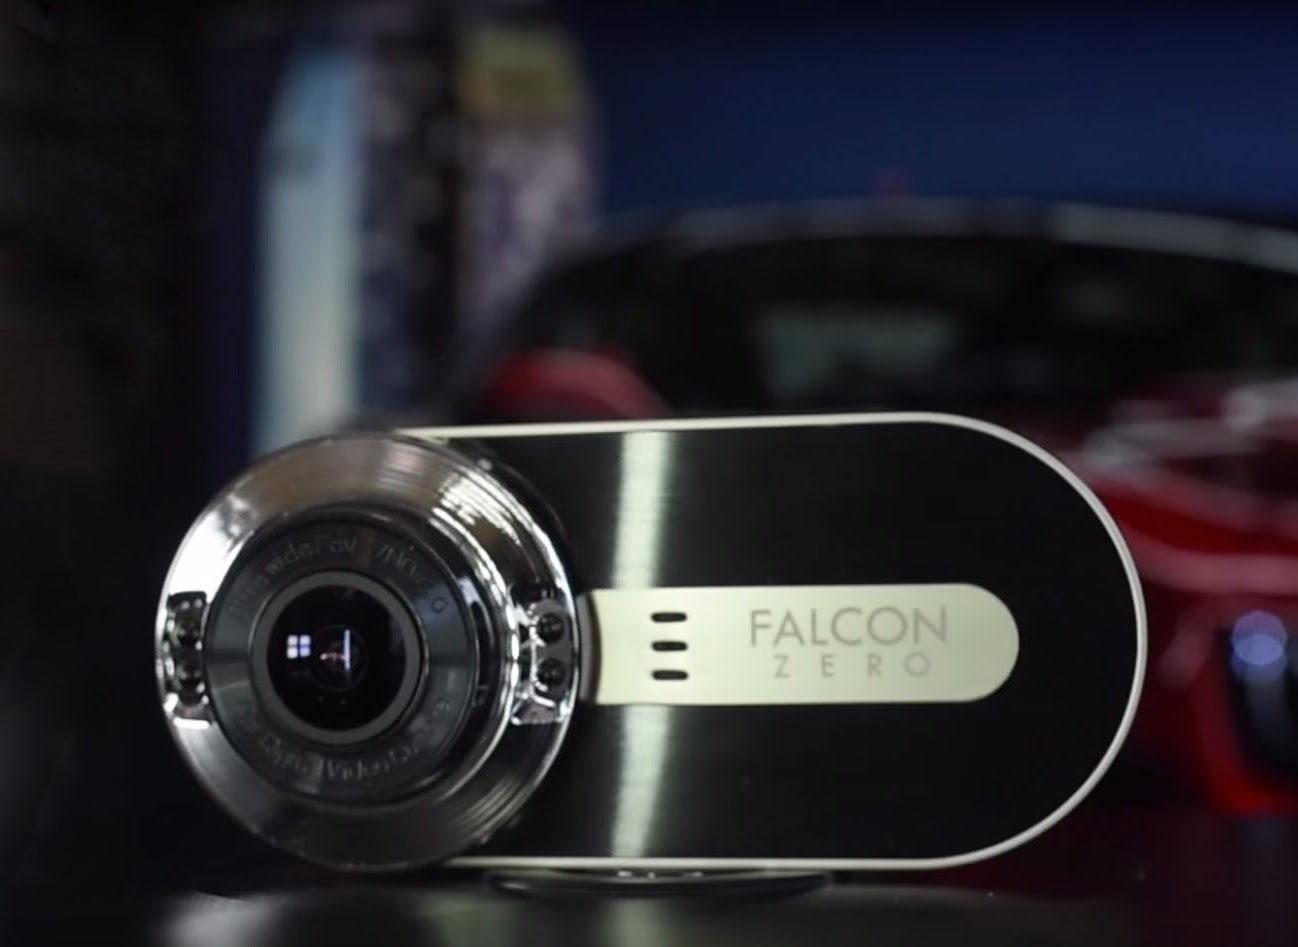 Falcon Zero GPS Dashcam